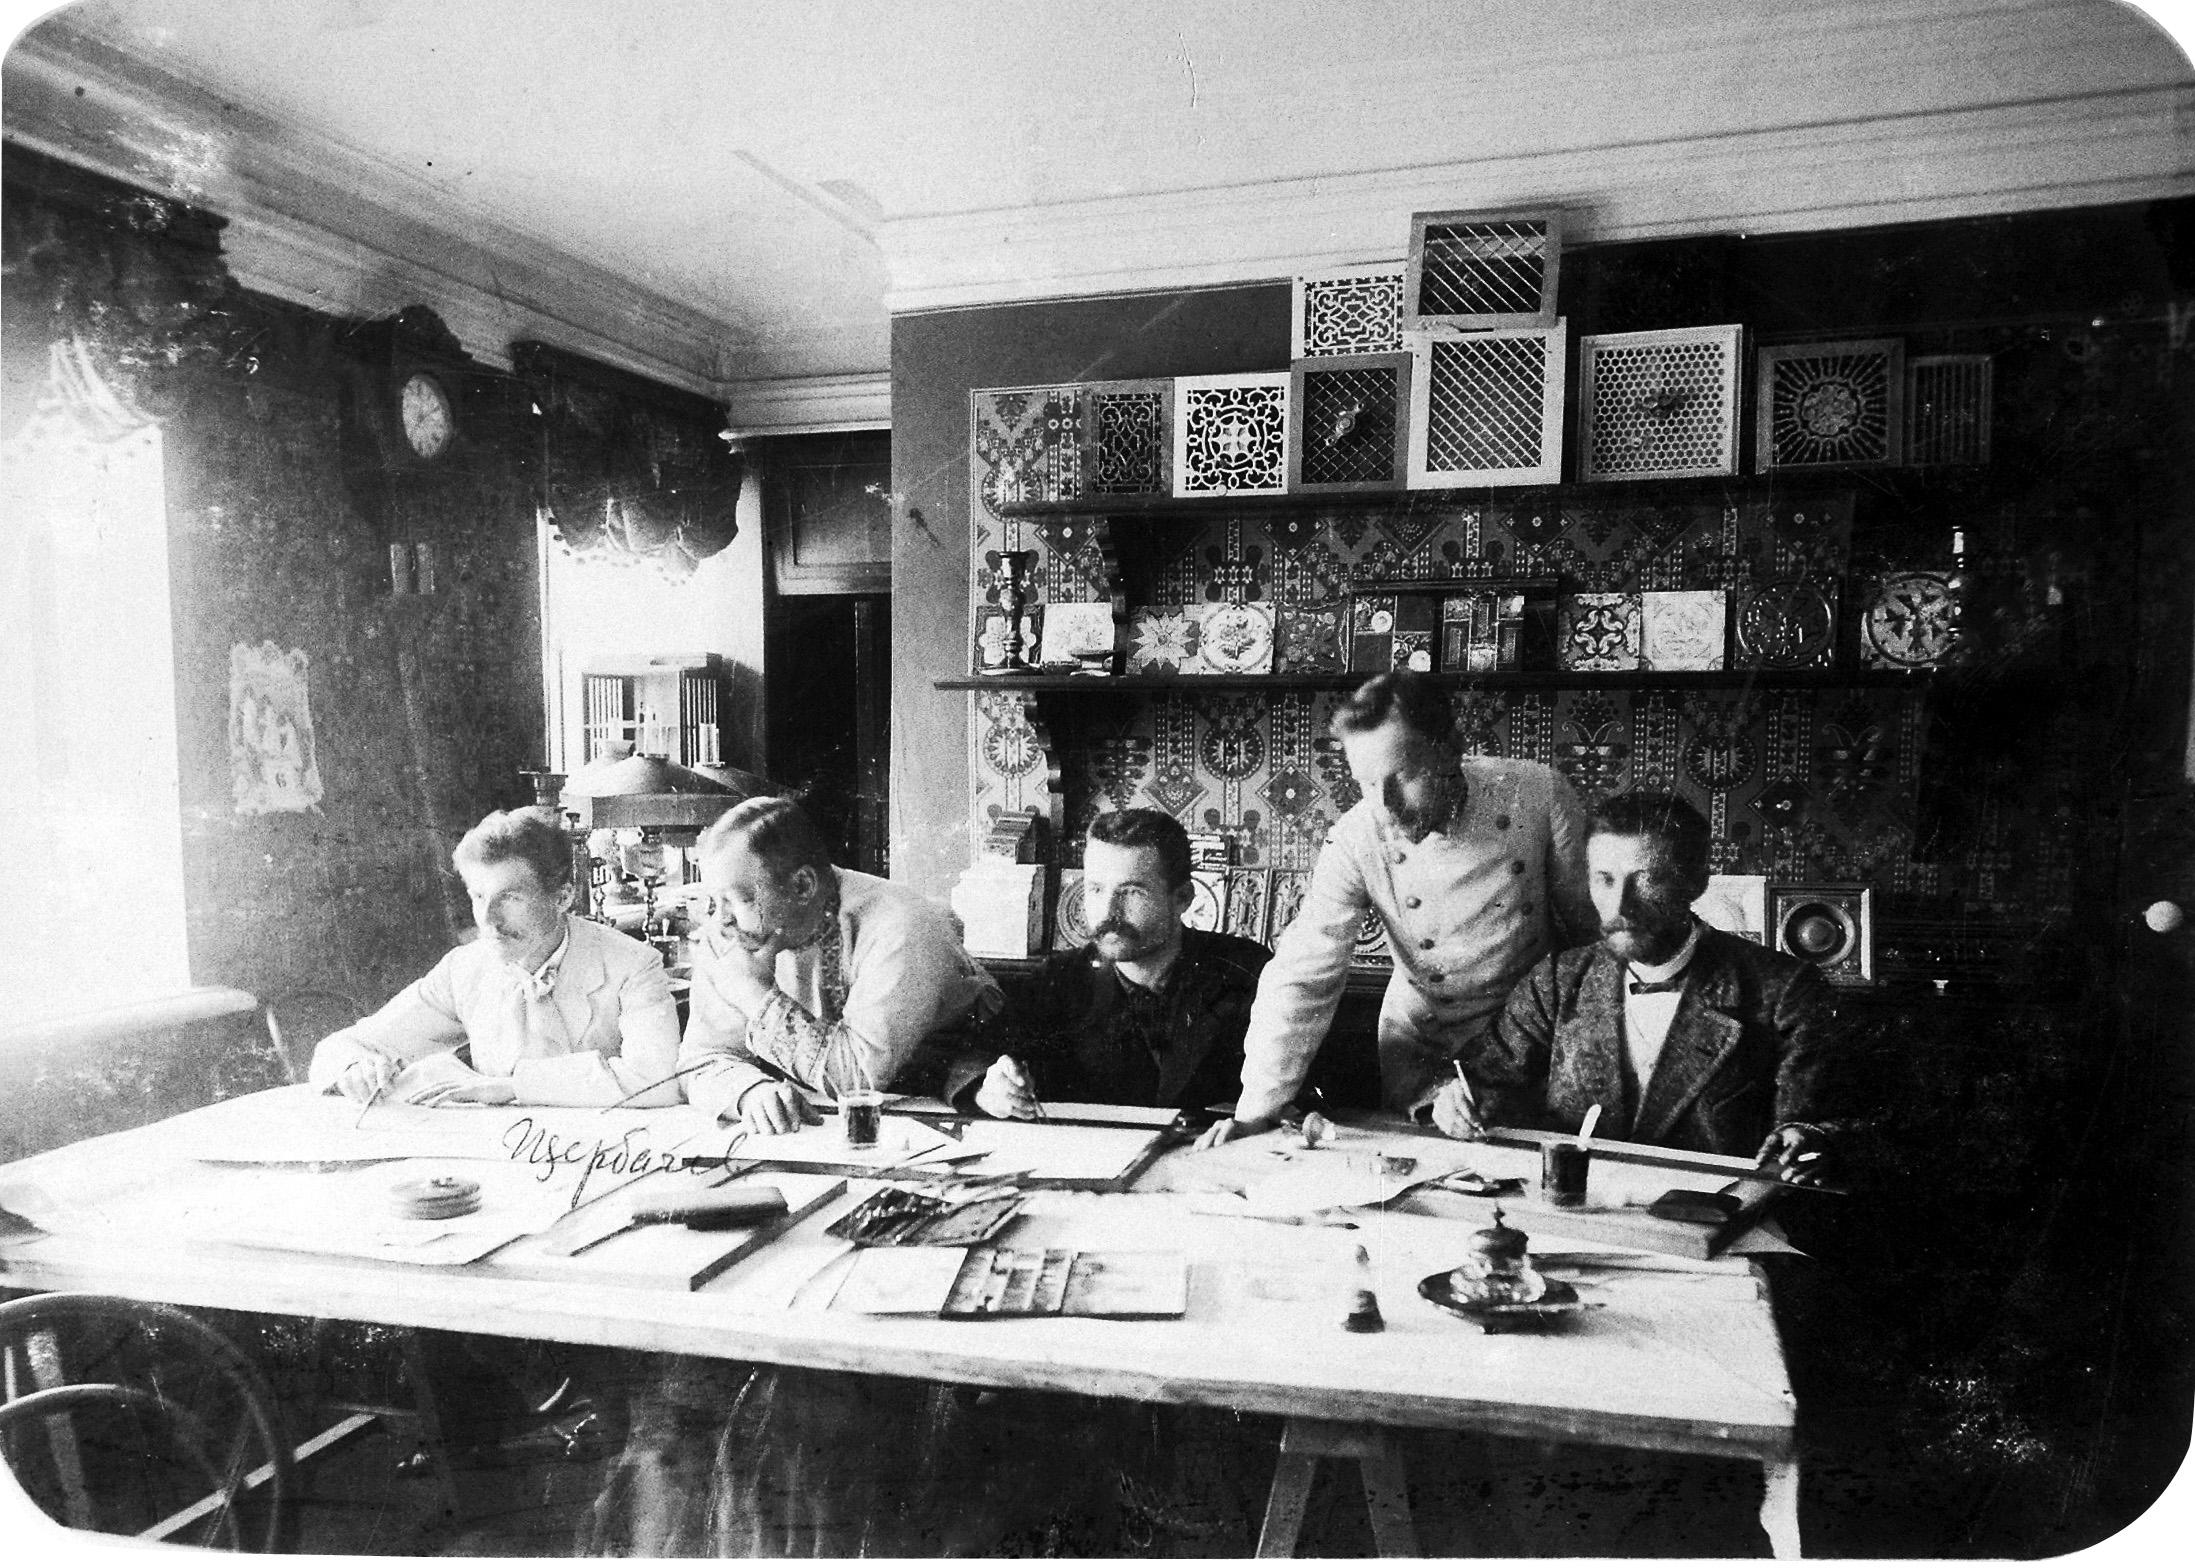 В мастерской А.А. Щербачева. Александр Александрович Щербачёв (2 марта 1858, Москва — 22 апреля 1912, Самара) — самарский архитектор.